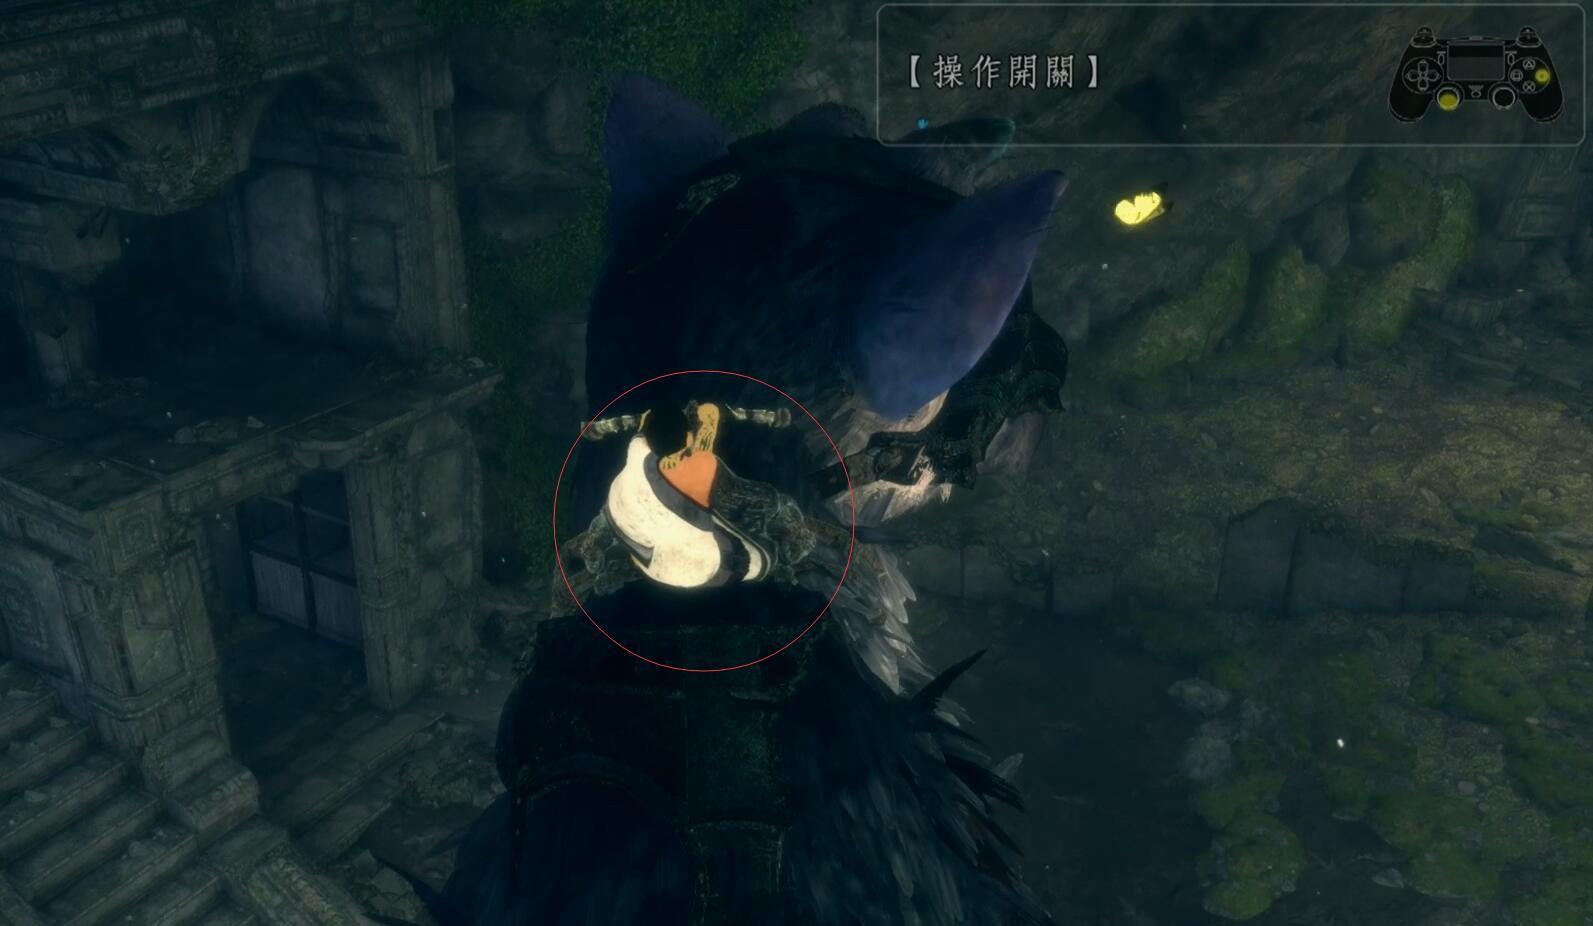 奇怪的洞窟与巨鹰09.jpg